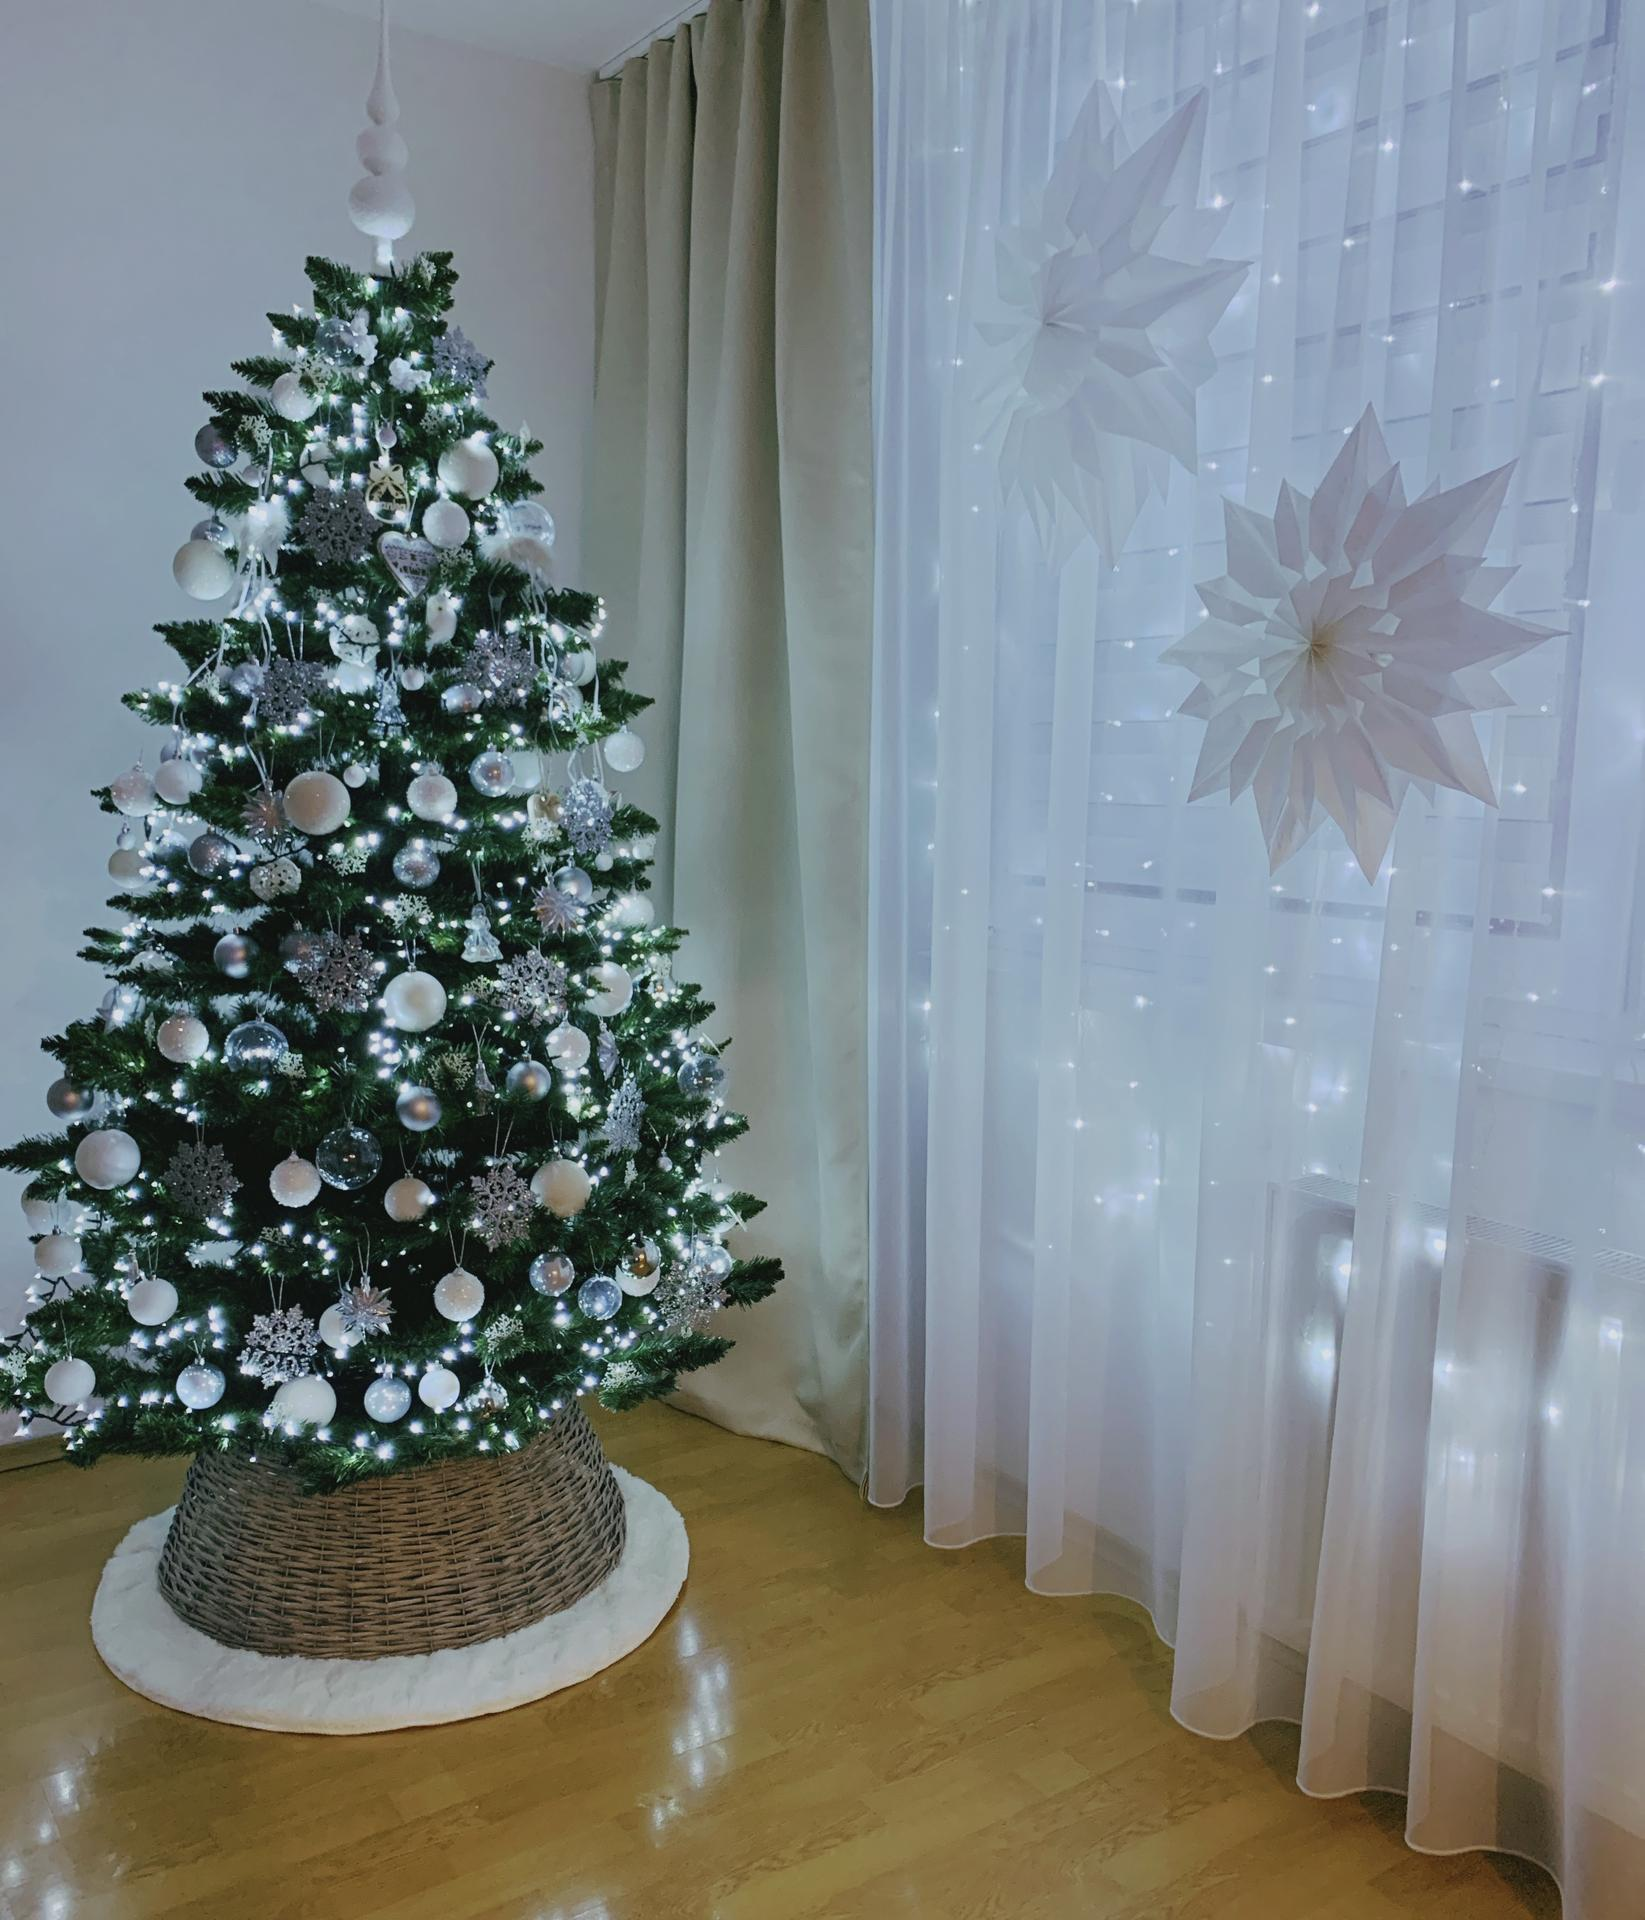 Všetkým na MS želám šťastne,veselé,pokojné láskou a zdravím naplnené vianočné sviatky🎄🎄🎄 - Obrázok č. 1